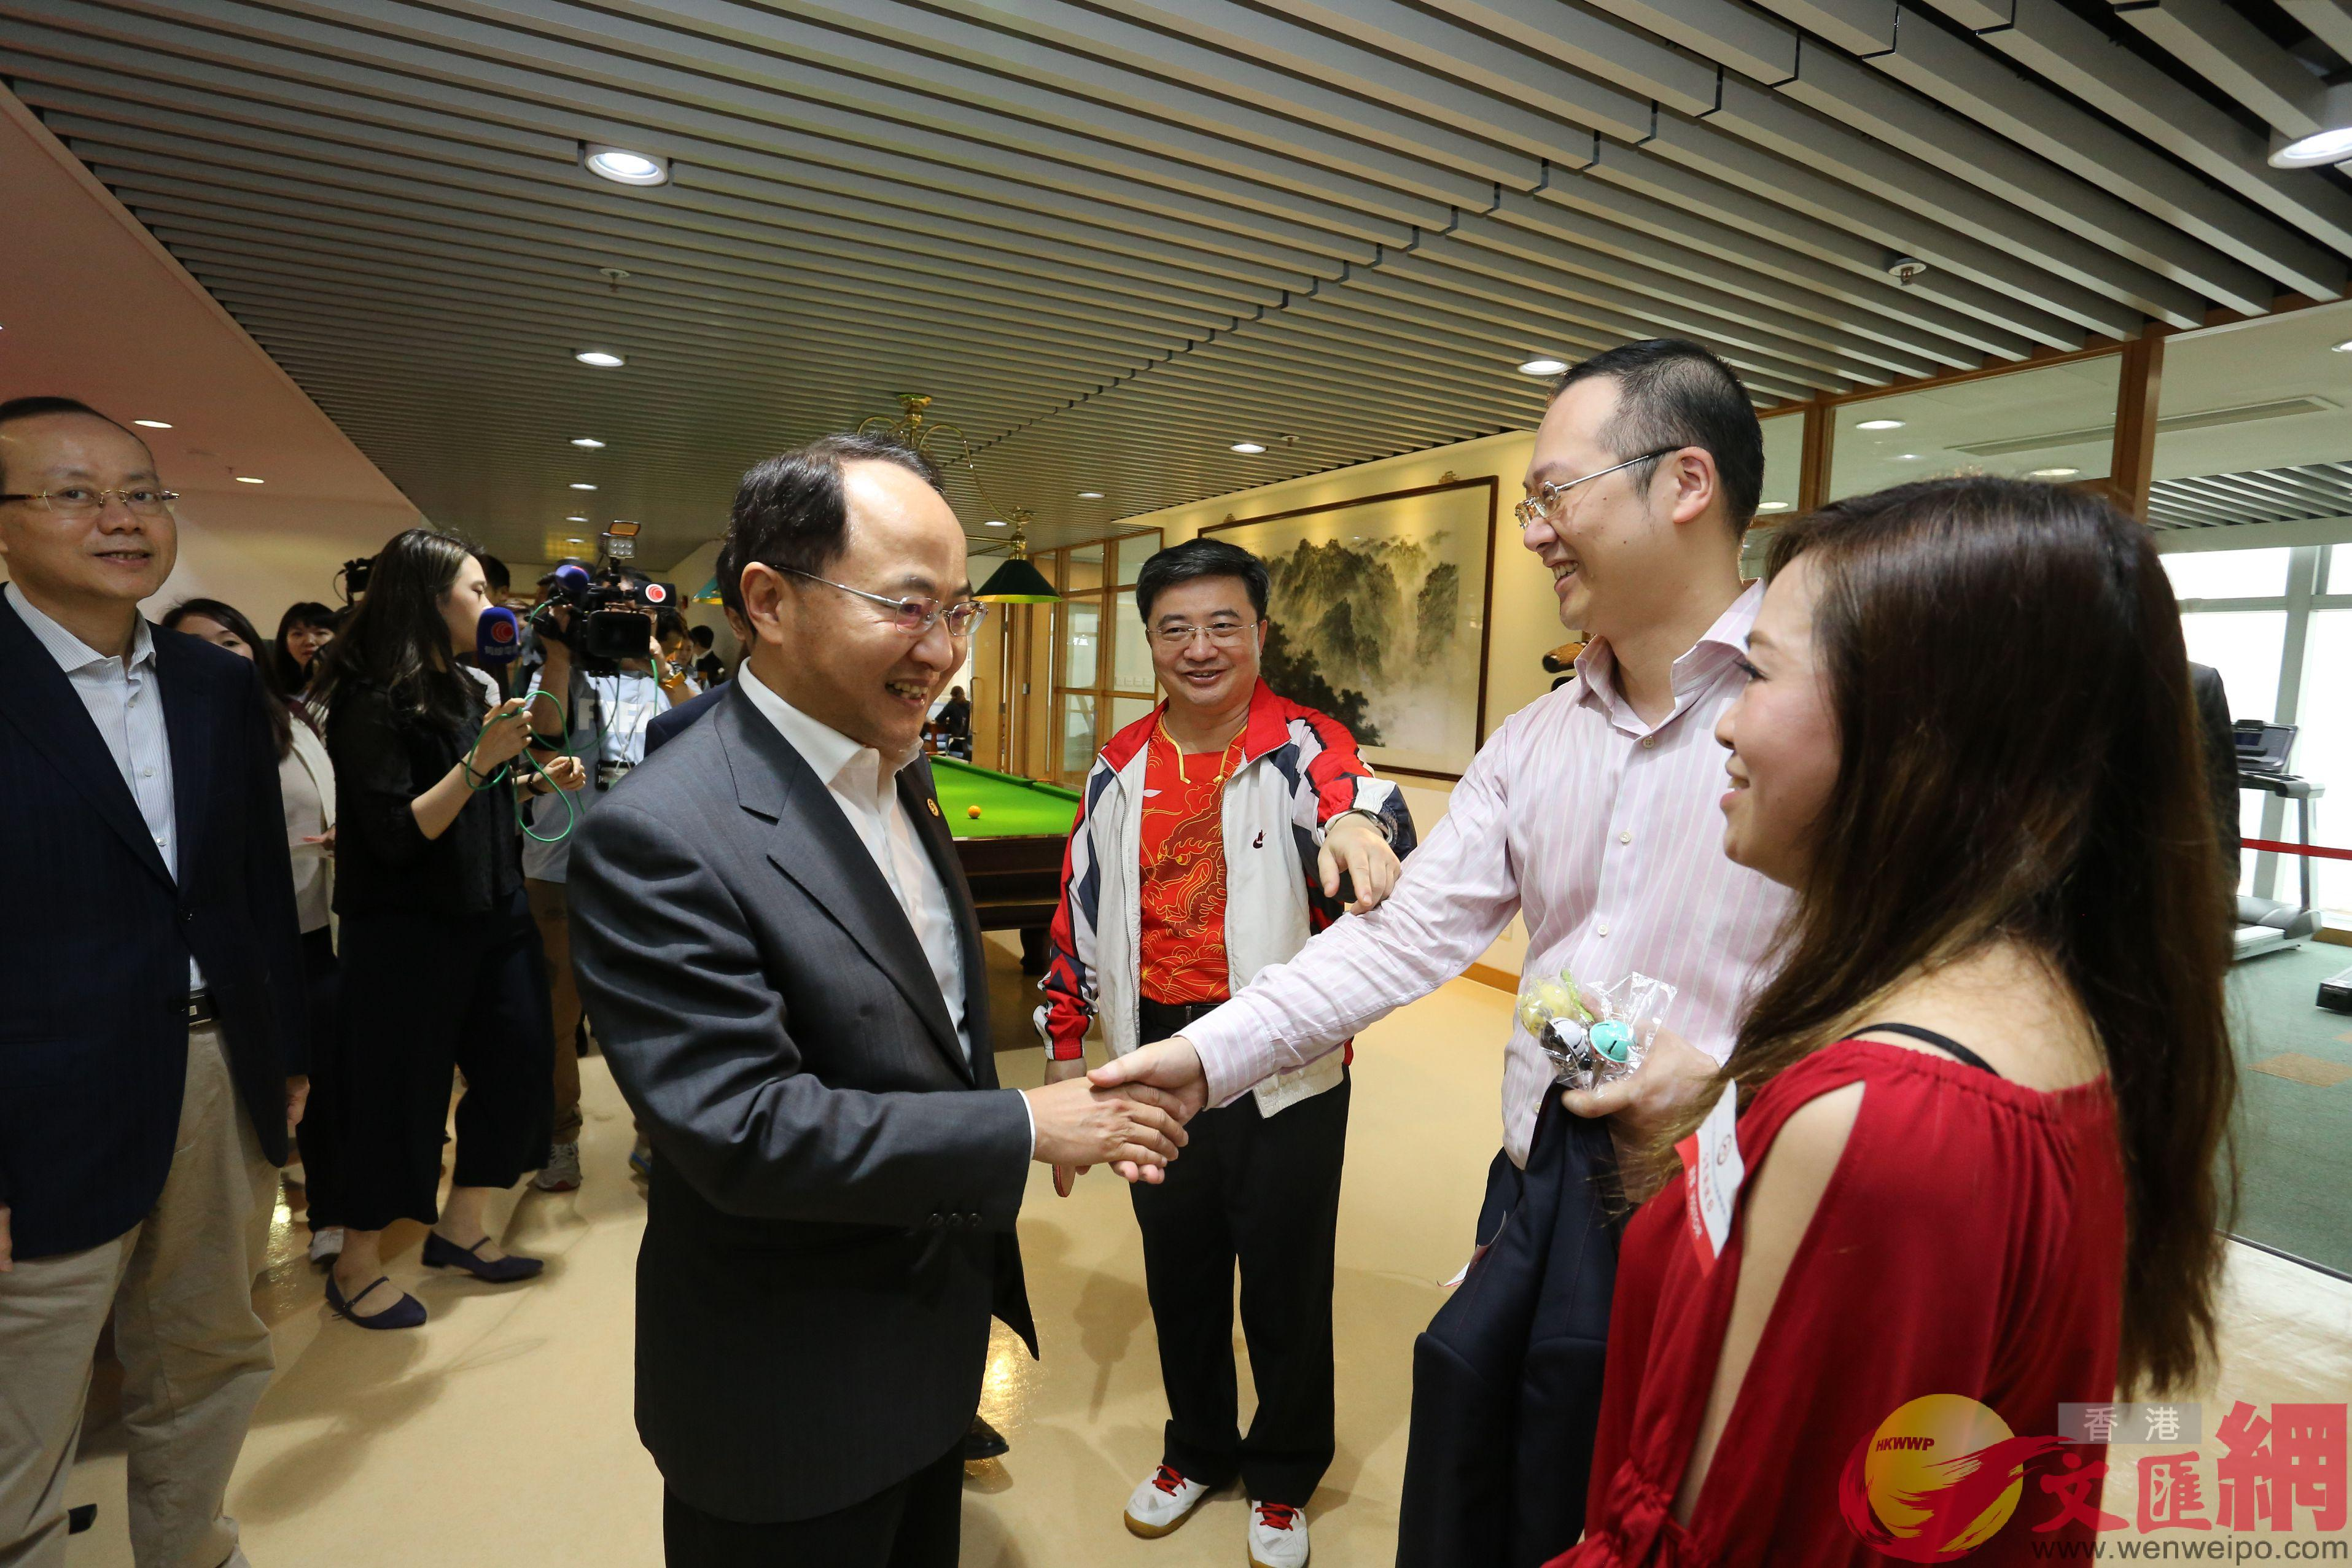 王志民在文體活動室與市民互動。(全媒體記者何嘉駿攝)